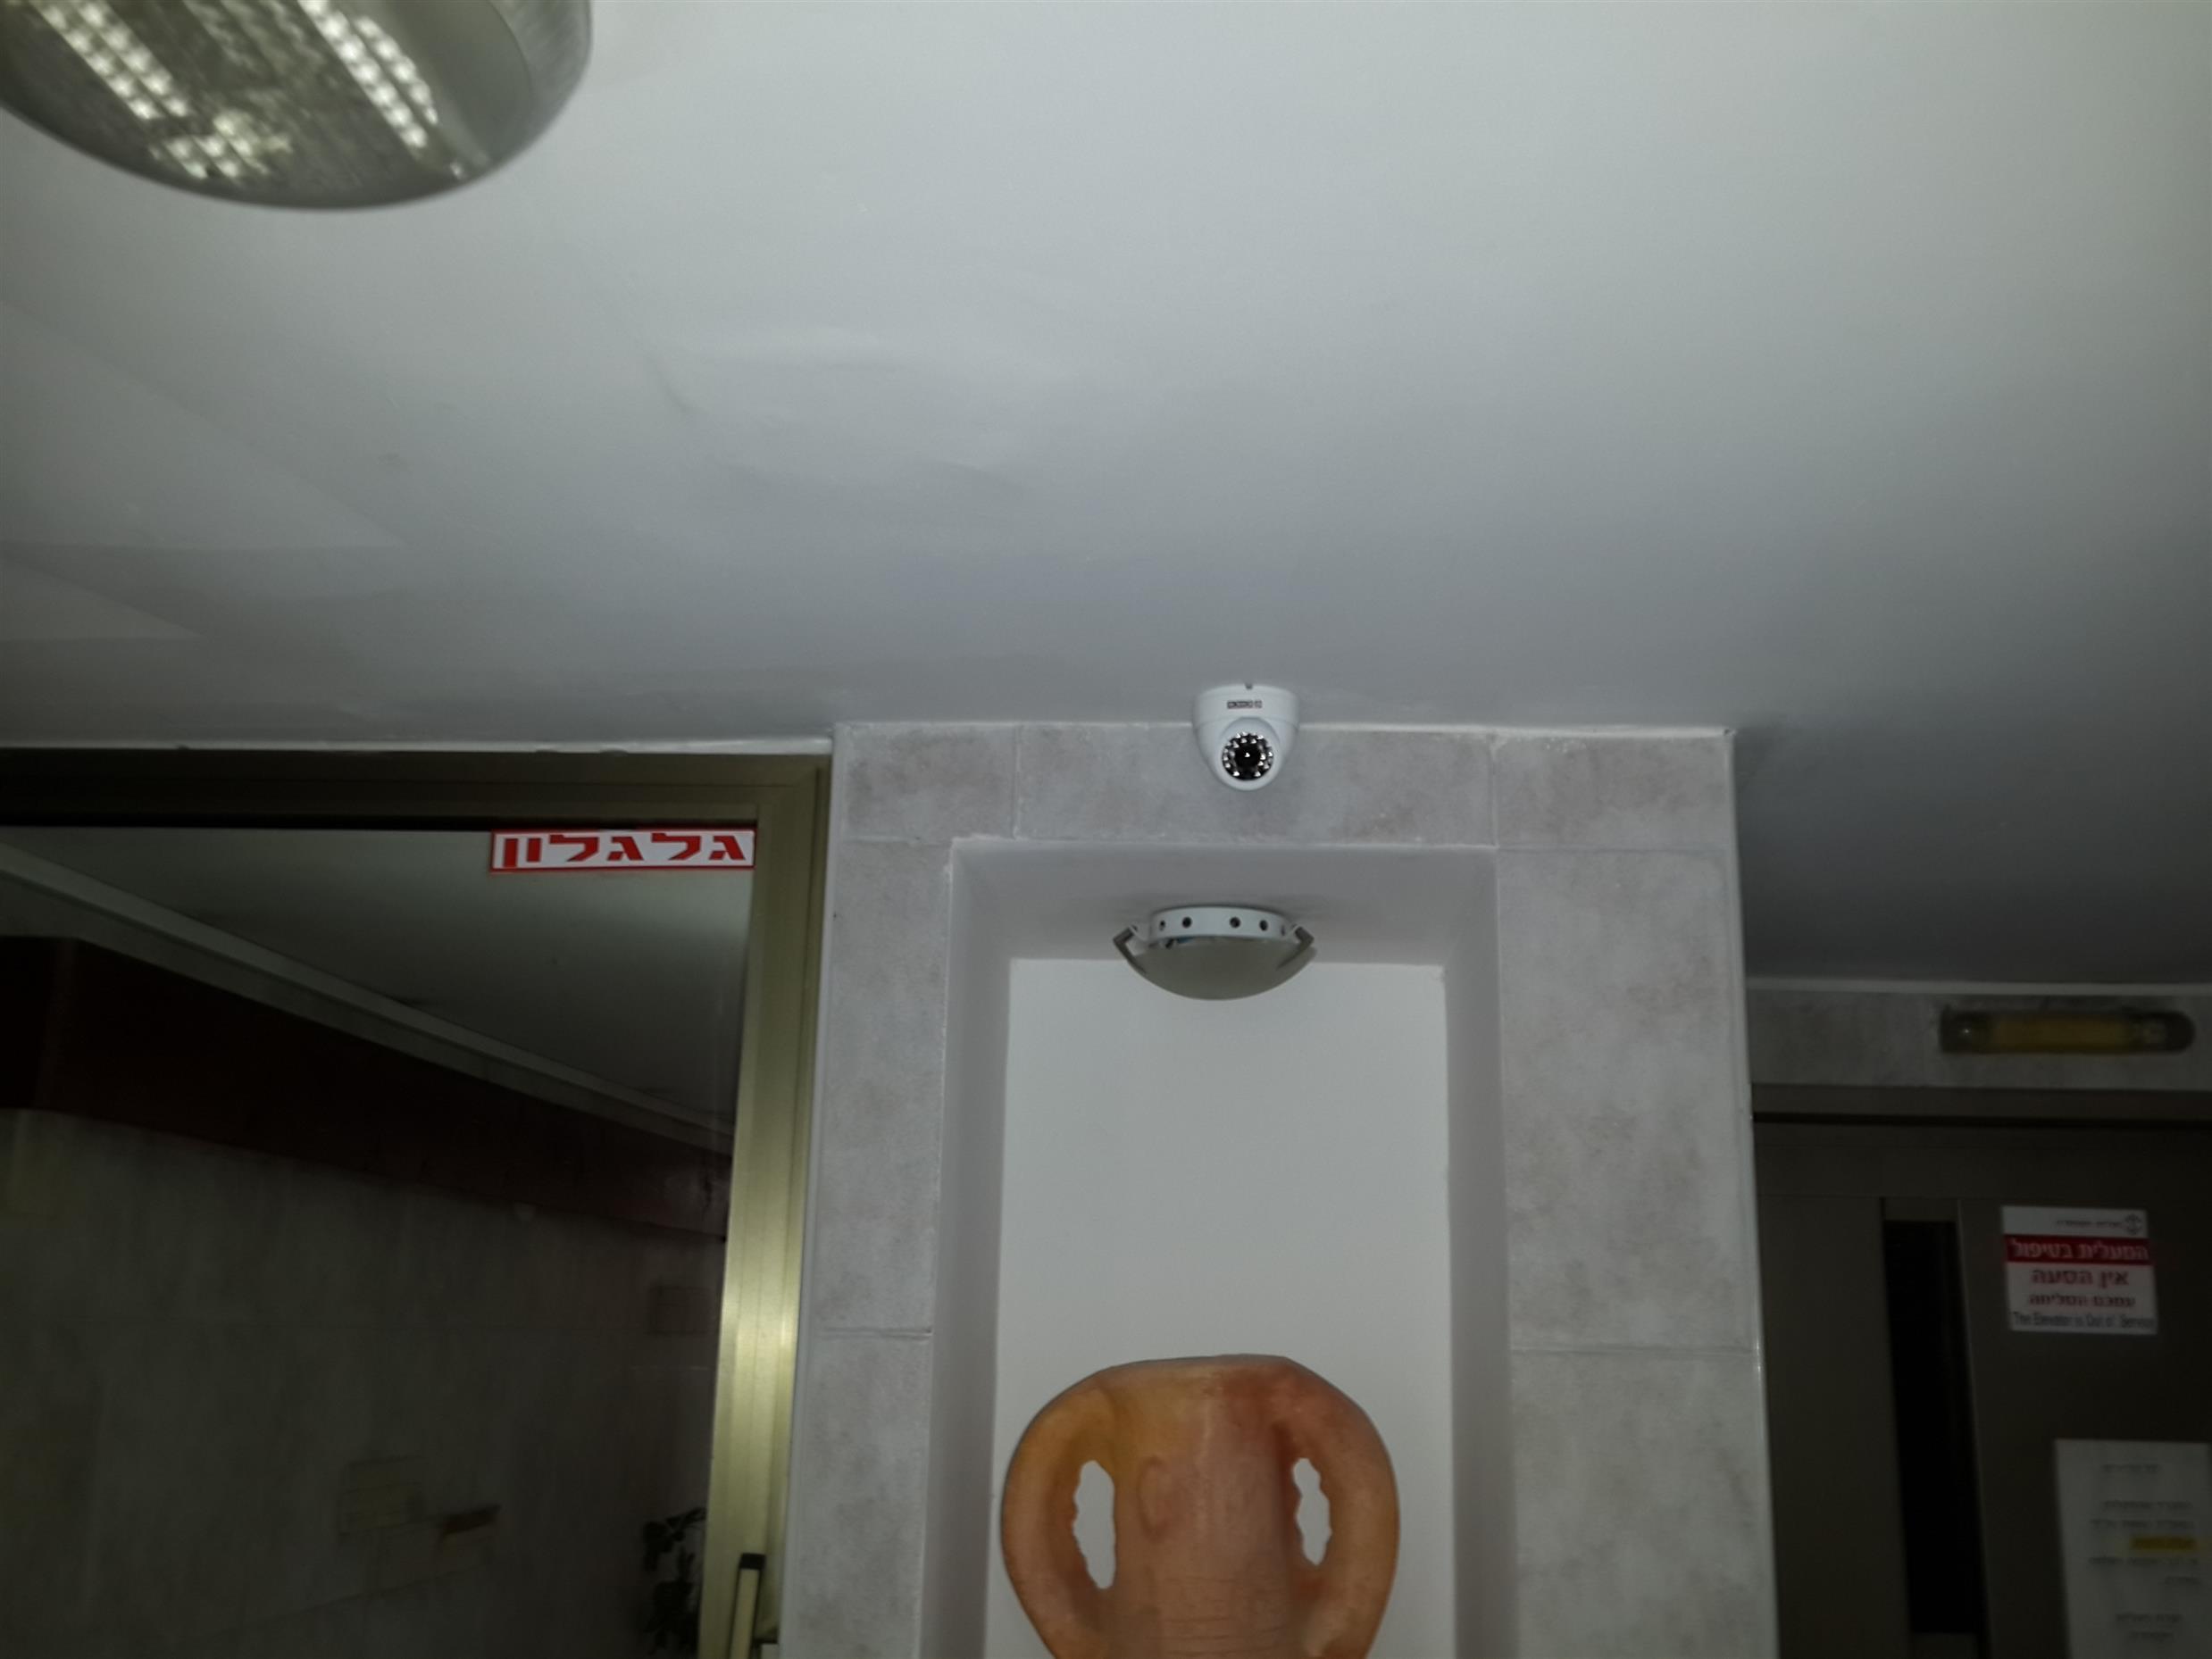 נטו קונטרול - מצלמות אבטחה לבניין